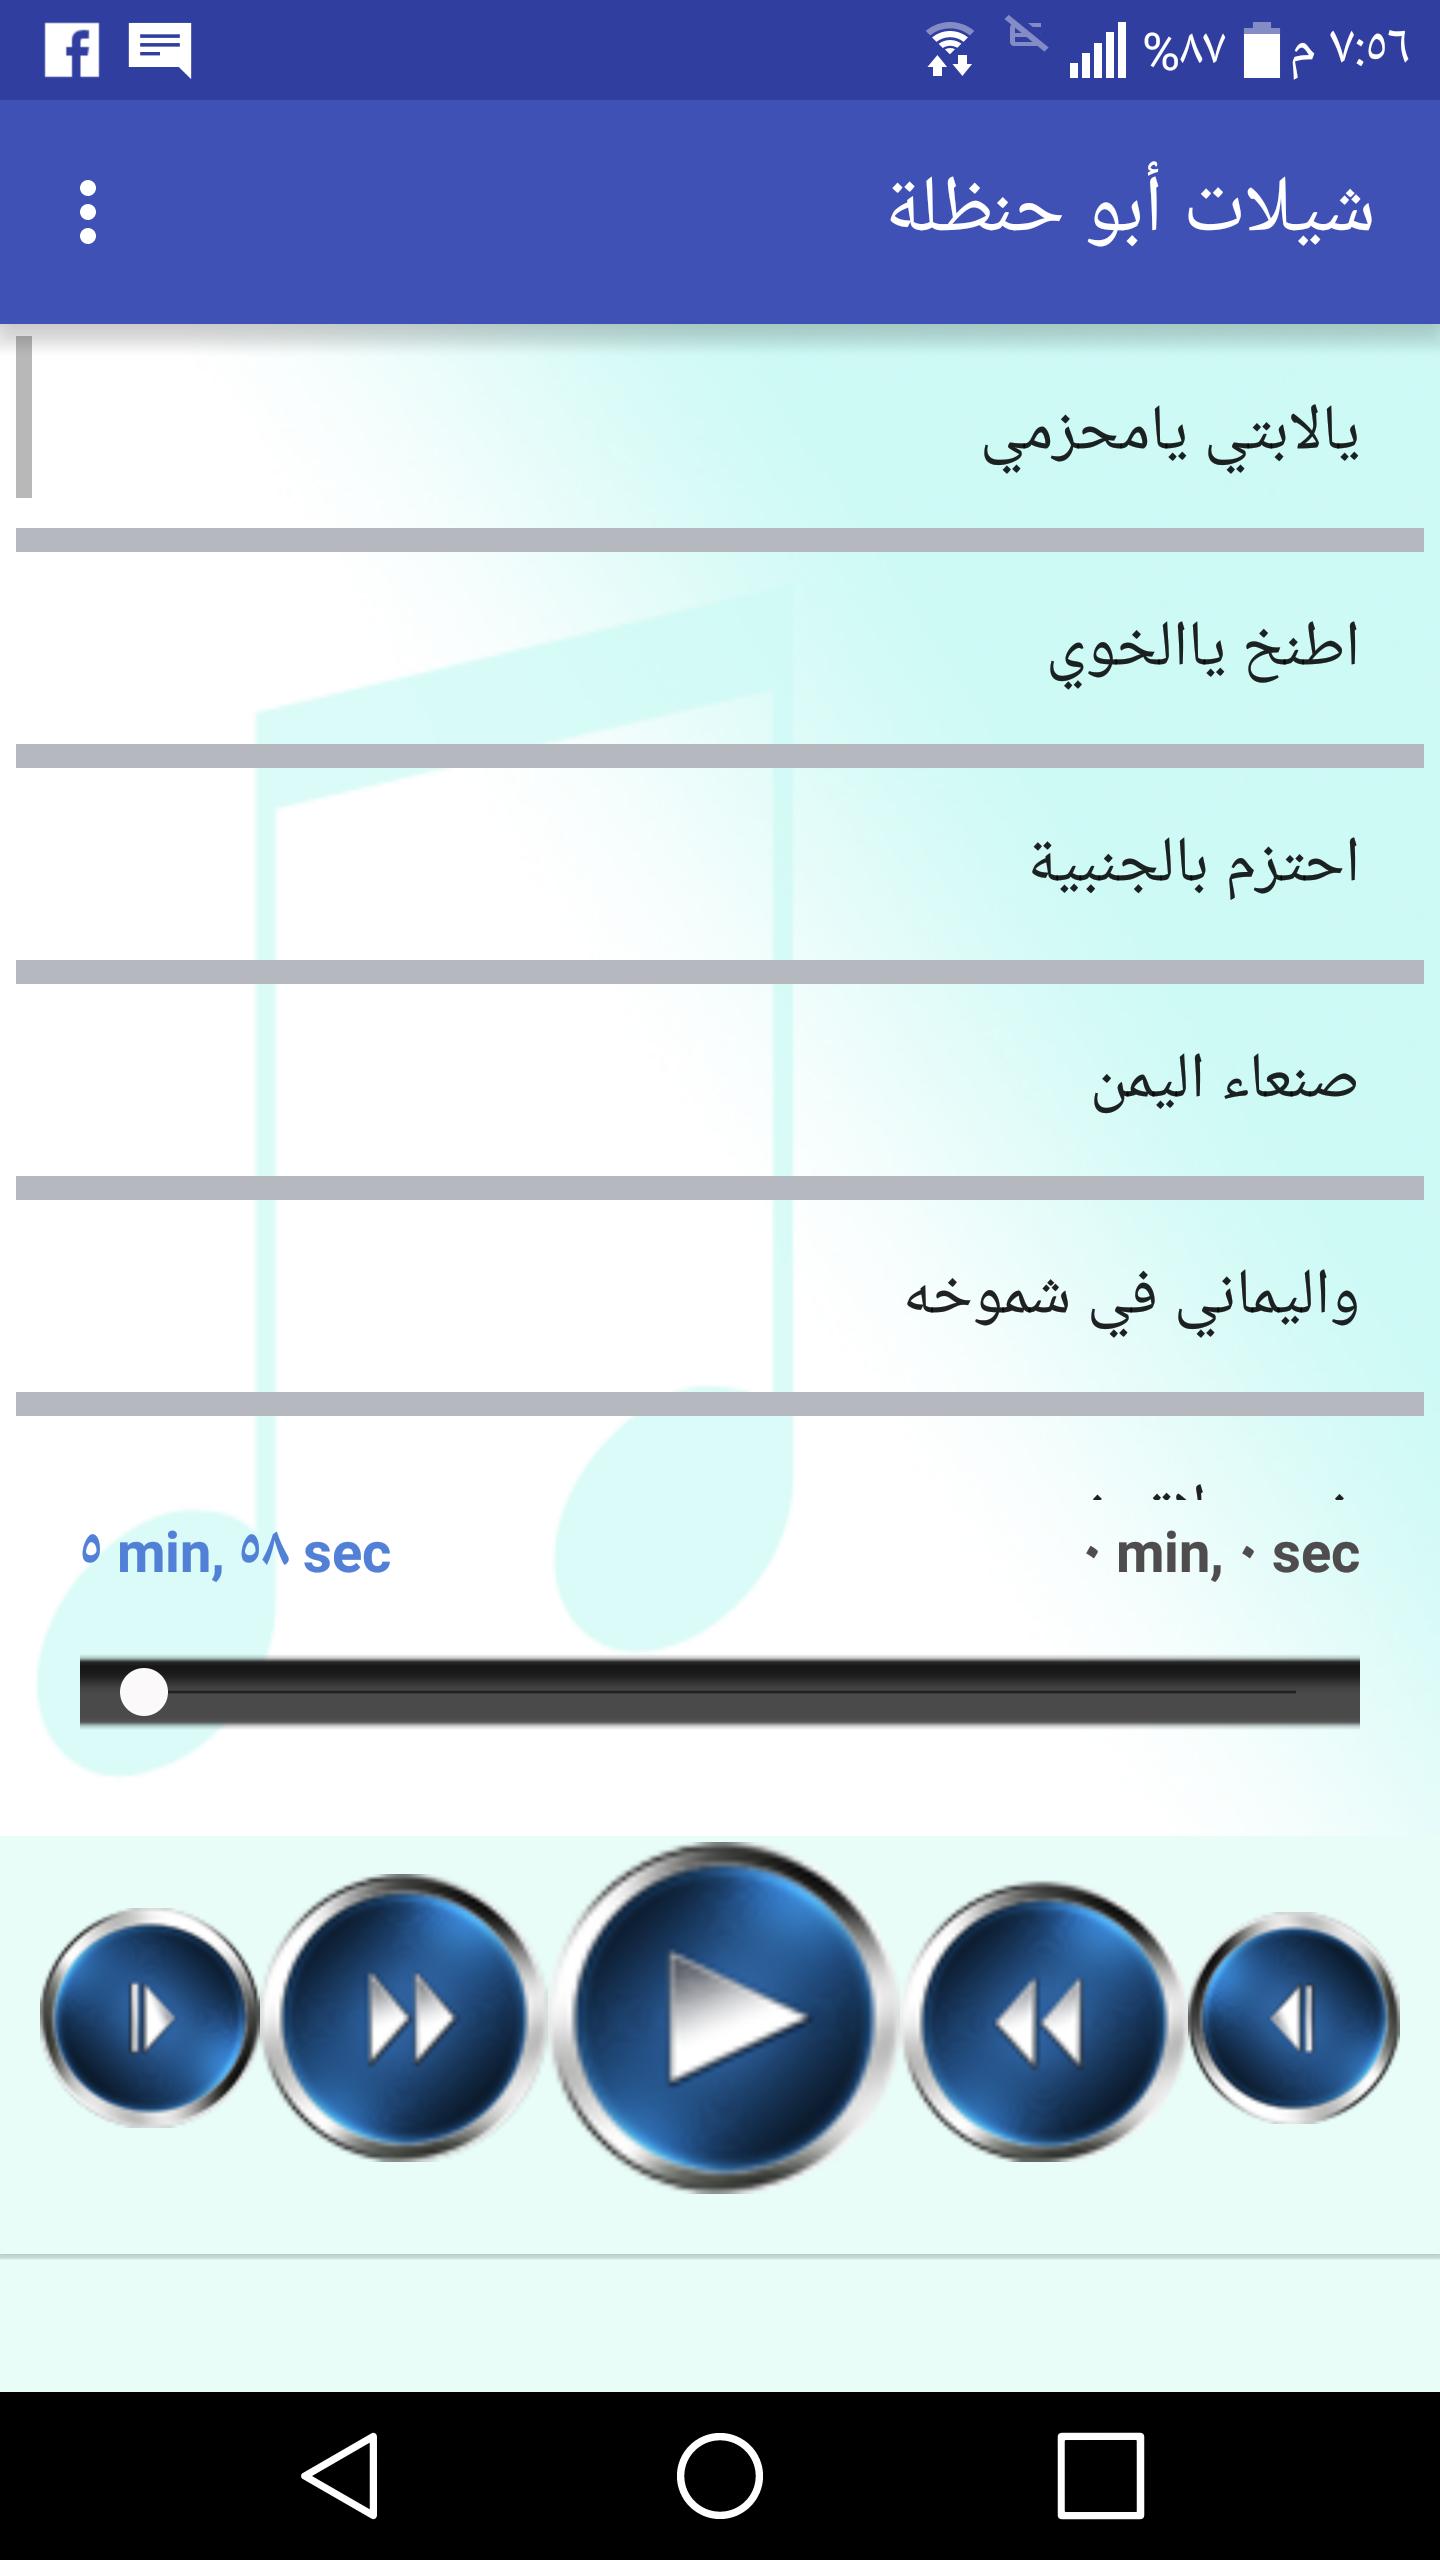 تحميل تطبيق شيلات ابو حنظله 2017 جميع شيلات ابو حنظله بدون نت Lockscreen Screenshot Screenshots Lockscreen